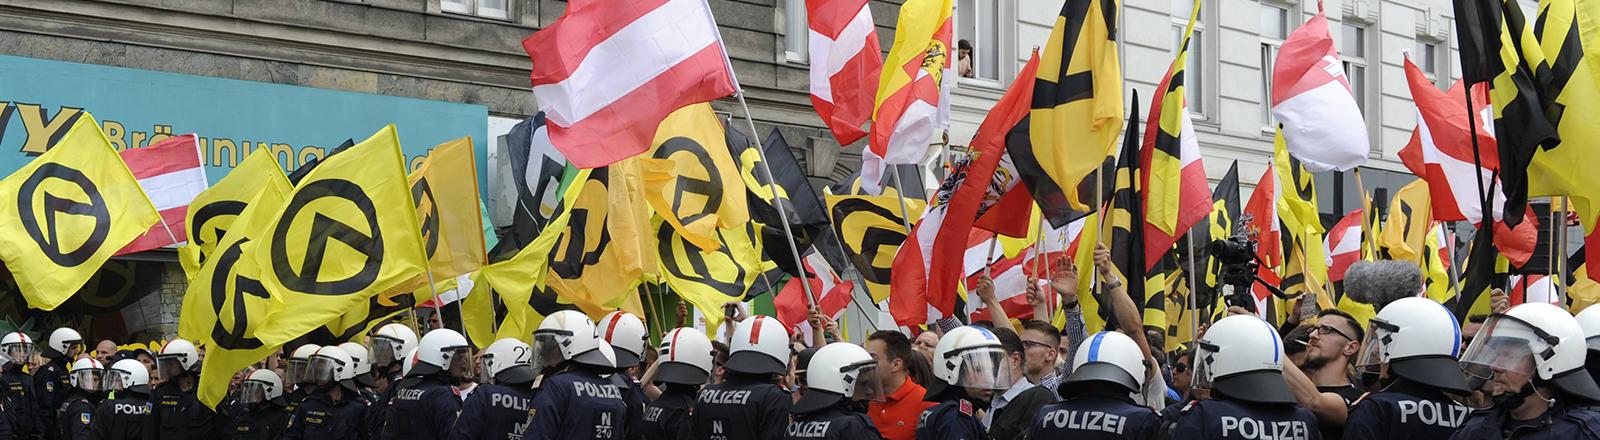 Demonstration der Identitären in Wien 2016